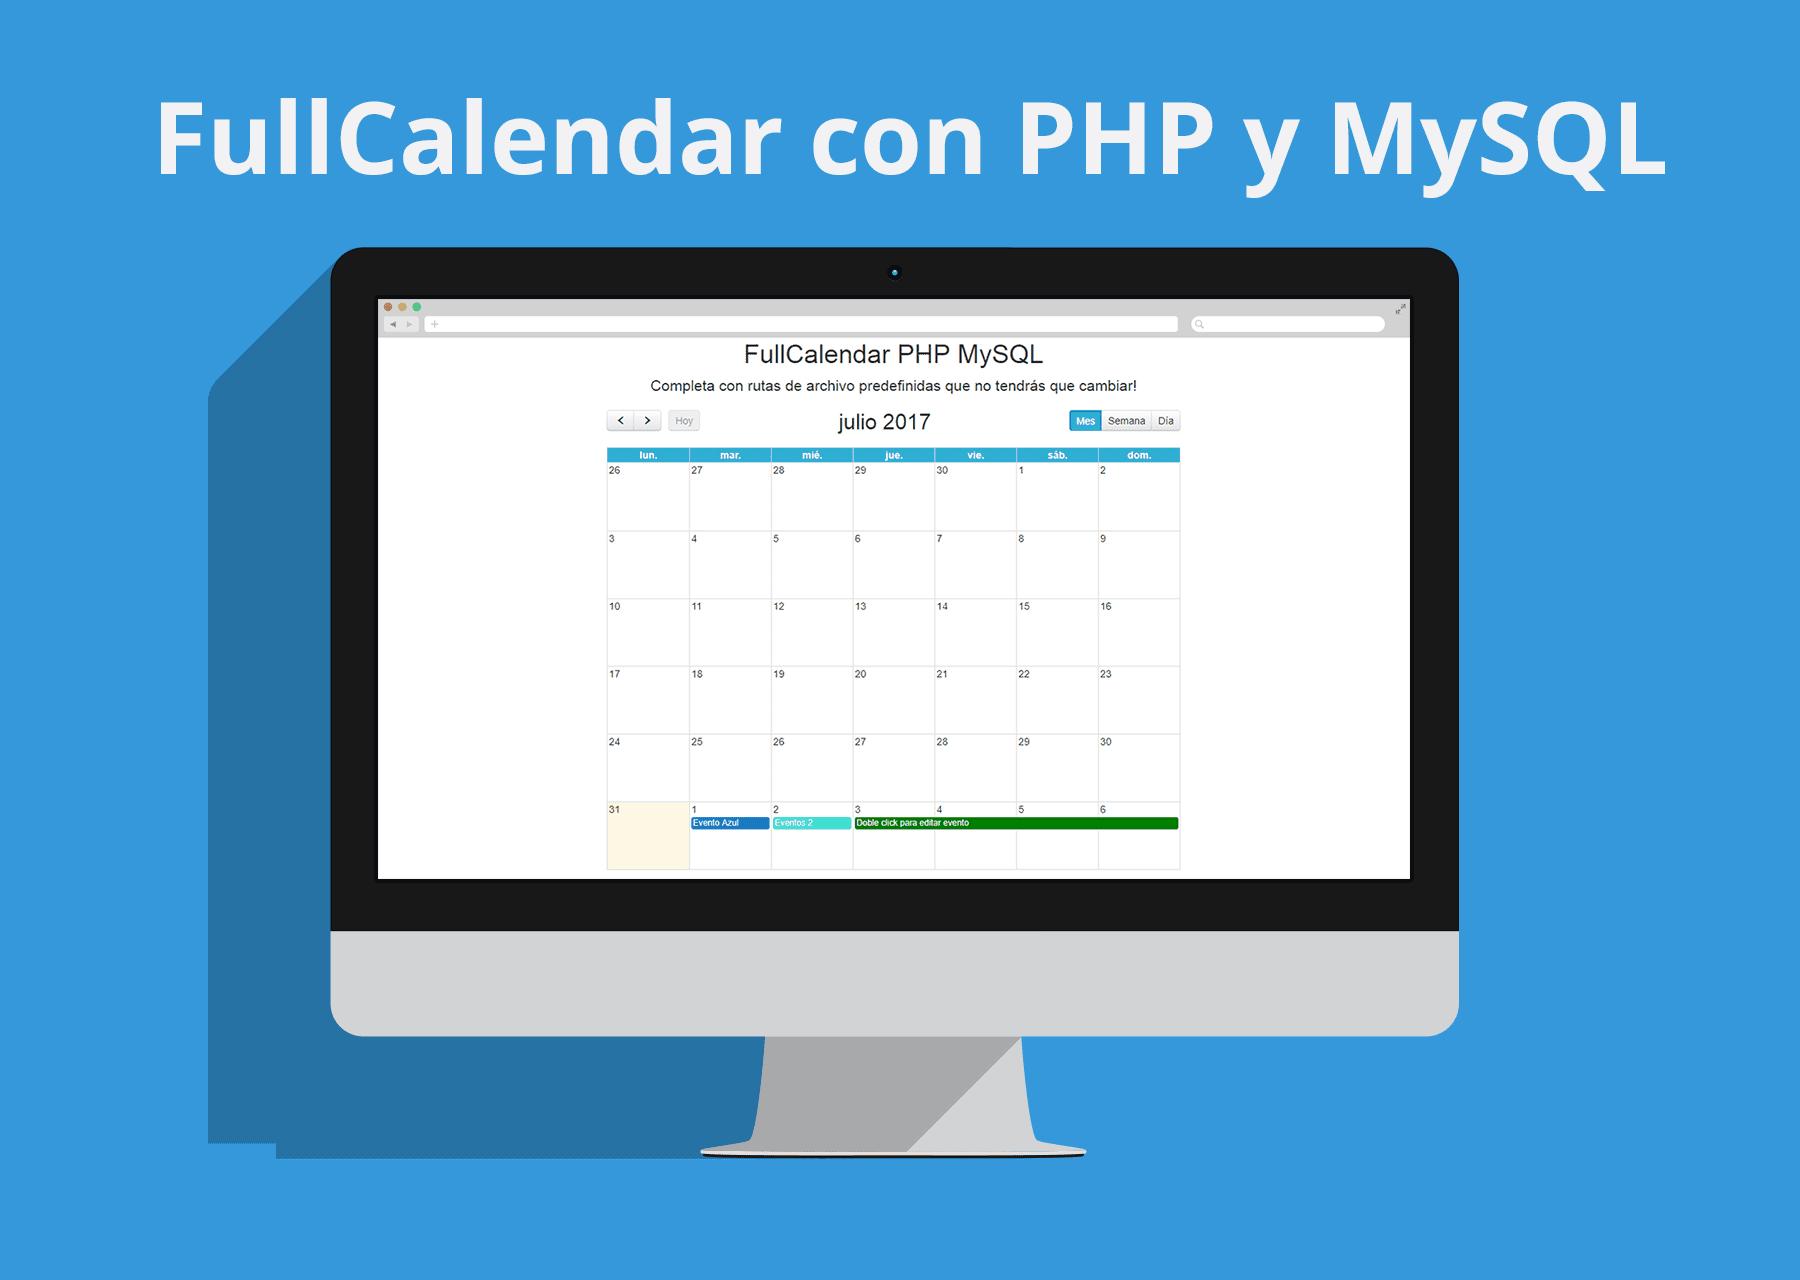 FullCalendar con PHP y MySQL